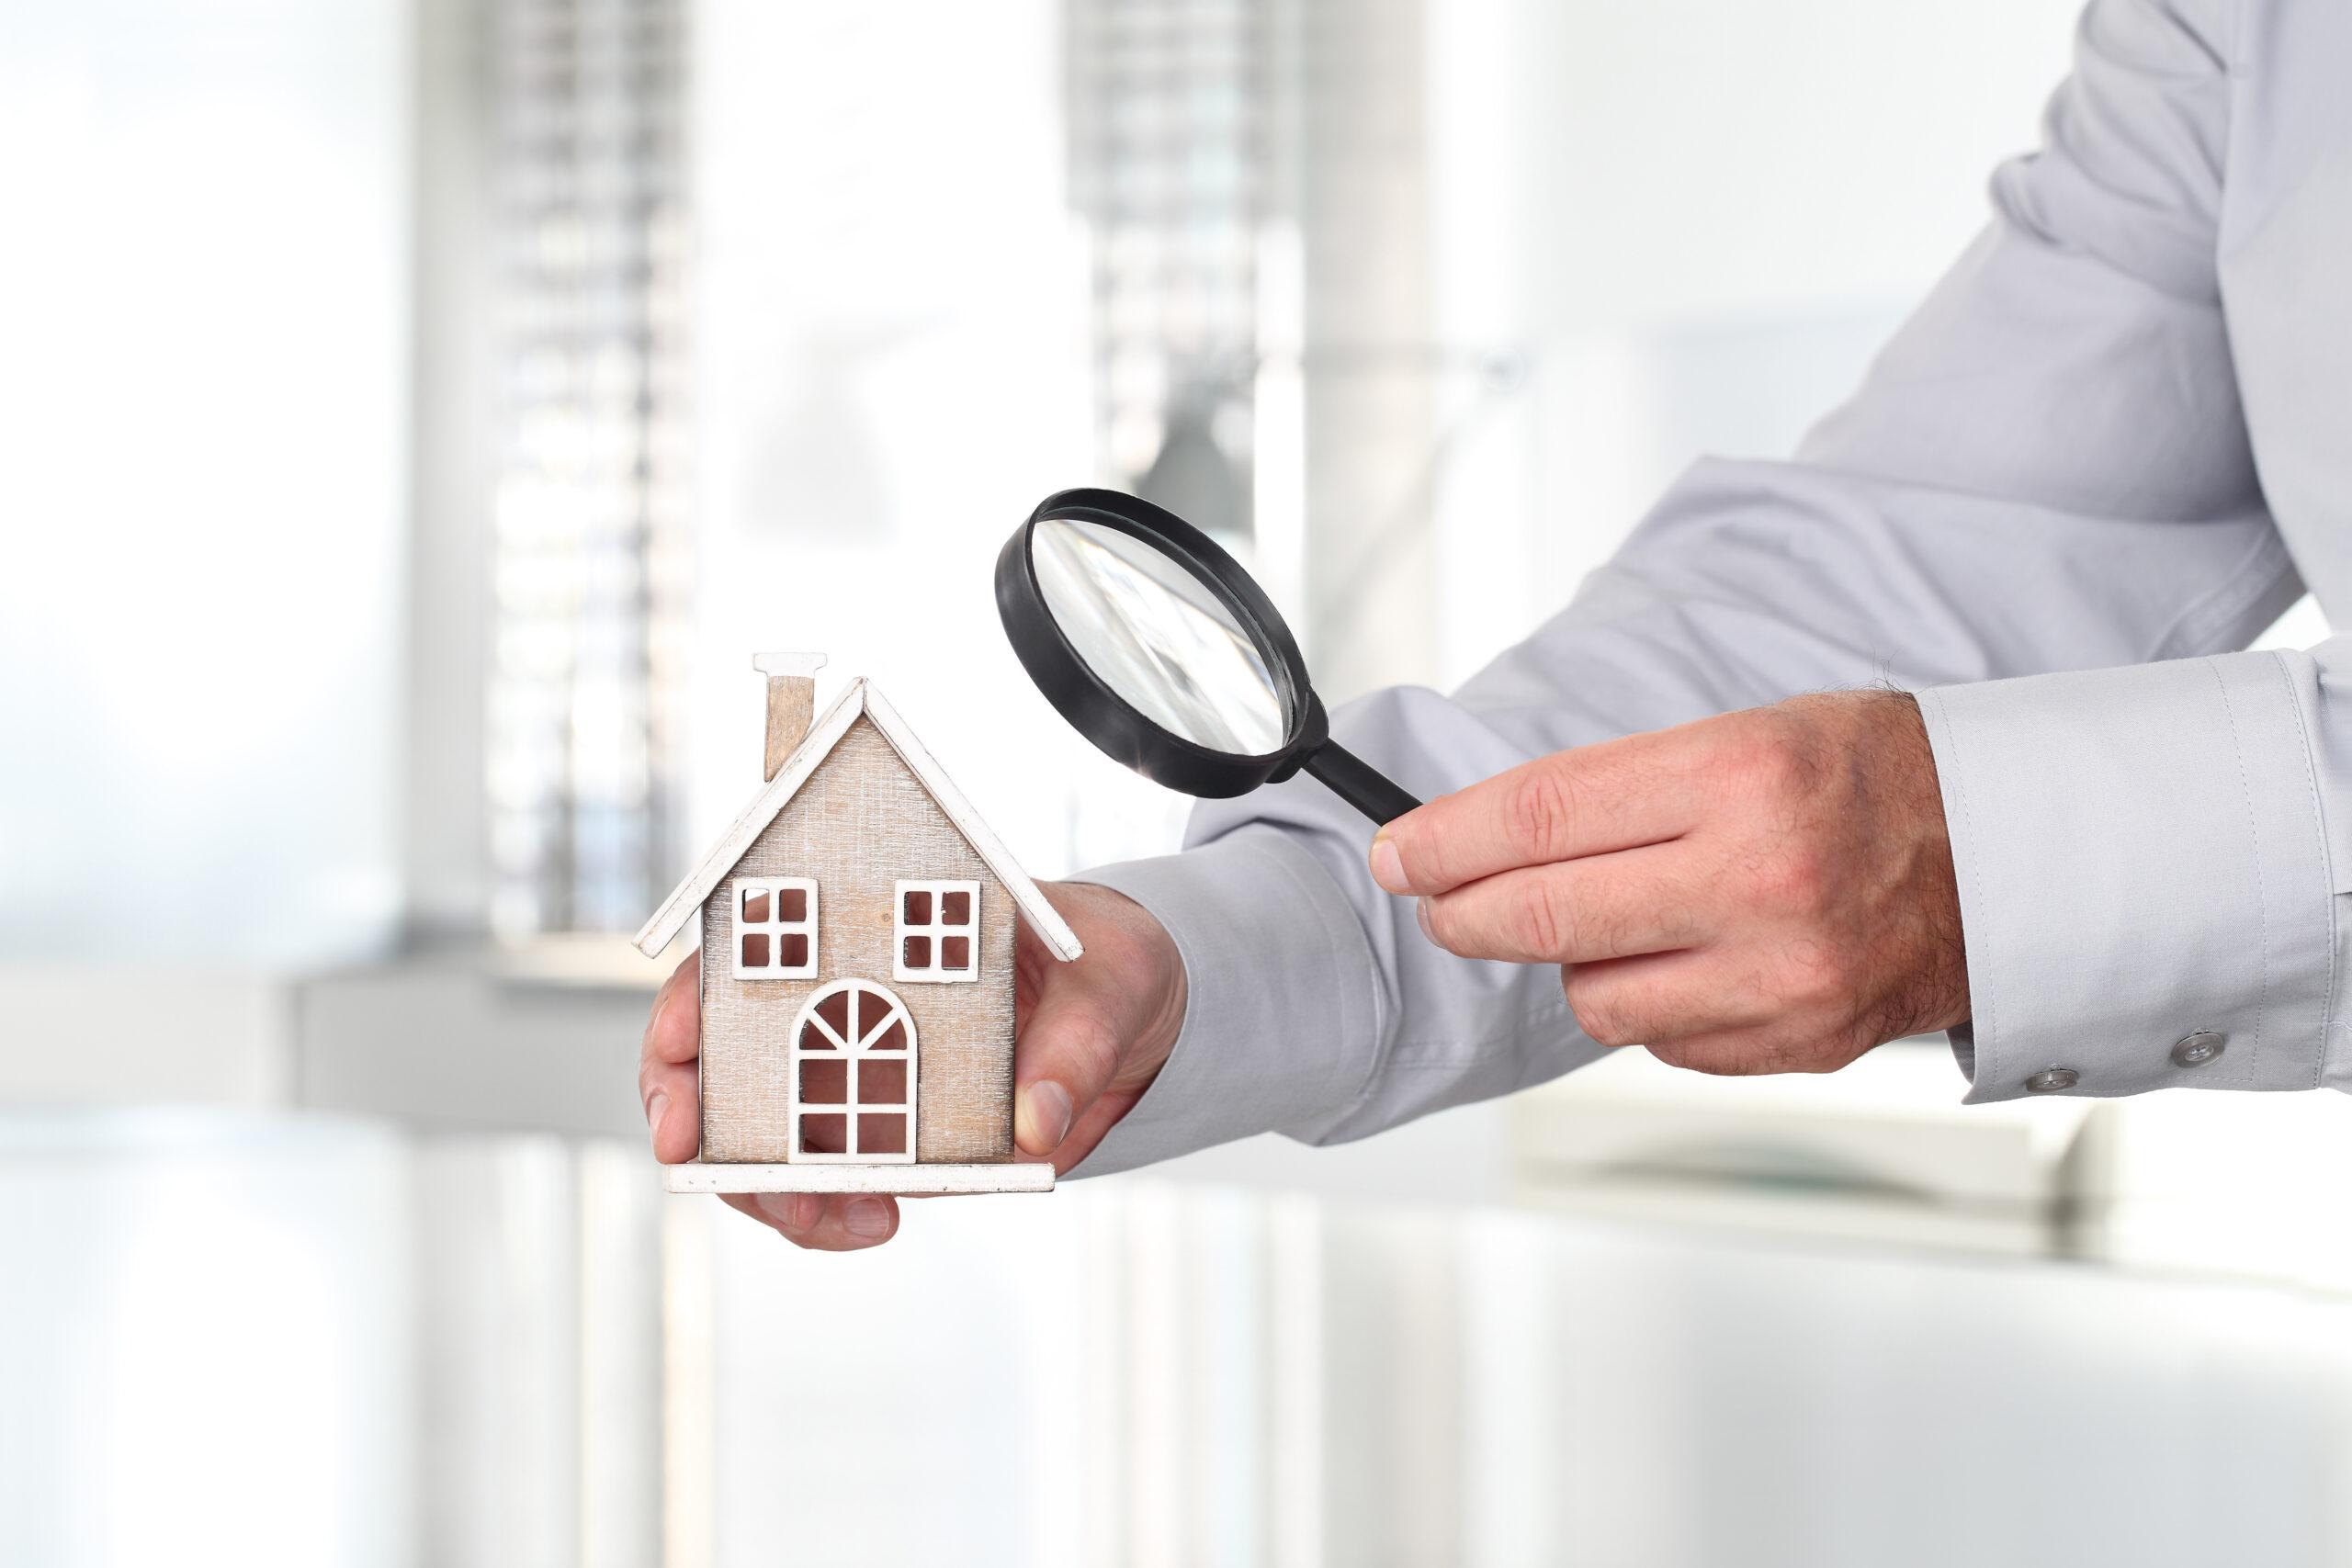 アパート・マンション経営に必要な法定点検とは